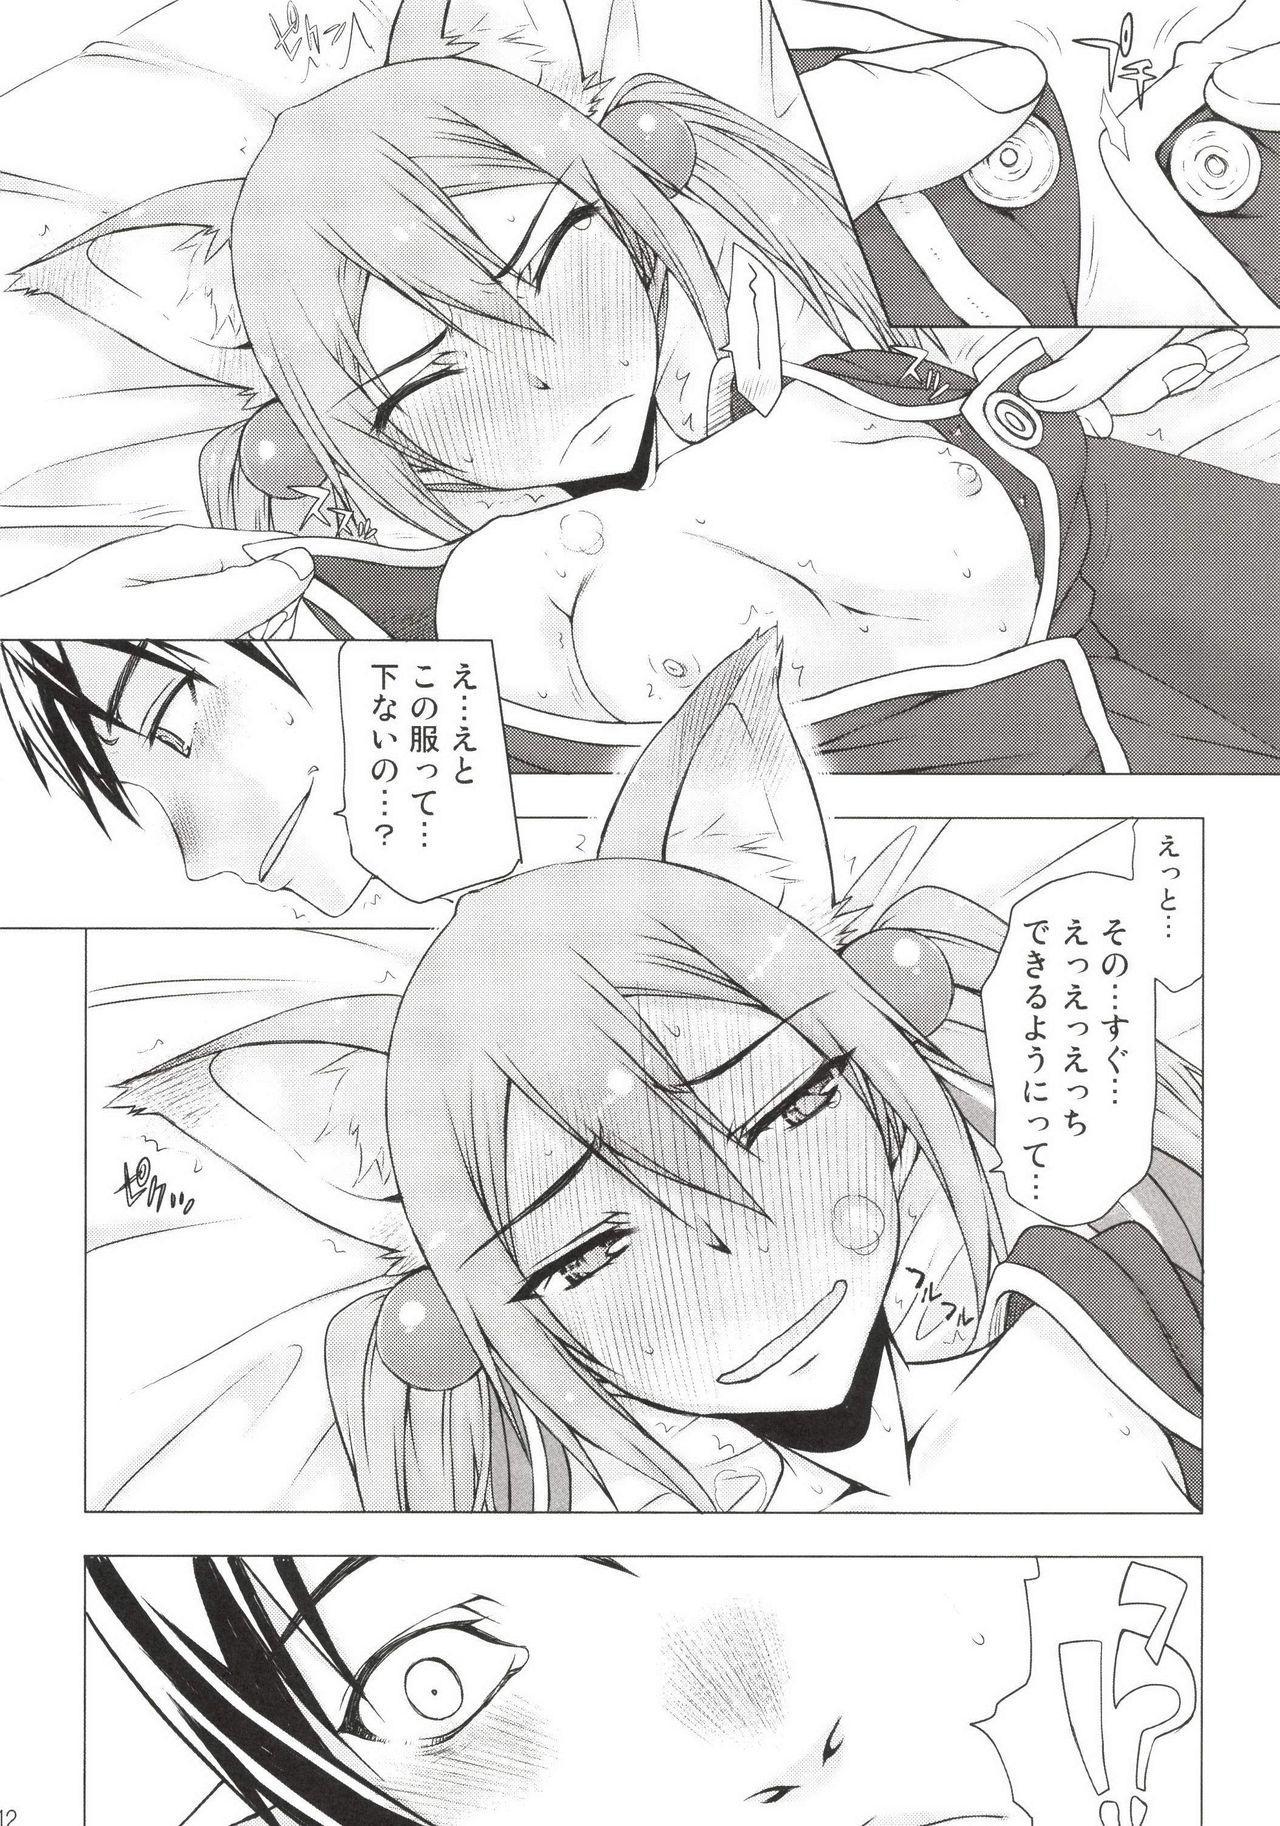 Asuna-san ga Iru kedo Online Dakara Mondai Nai yo ne! 11